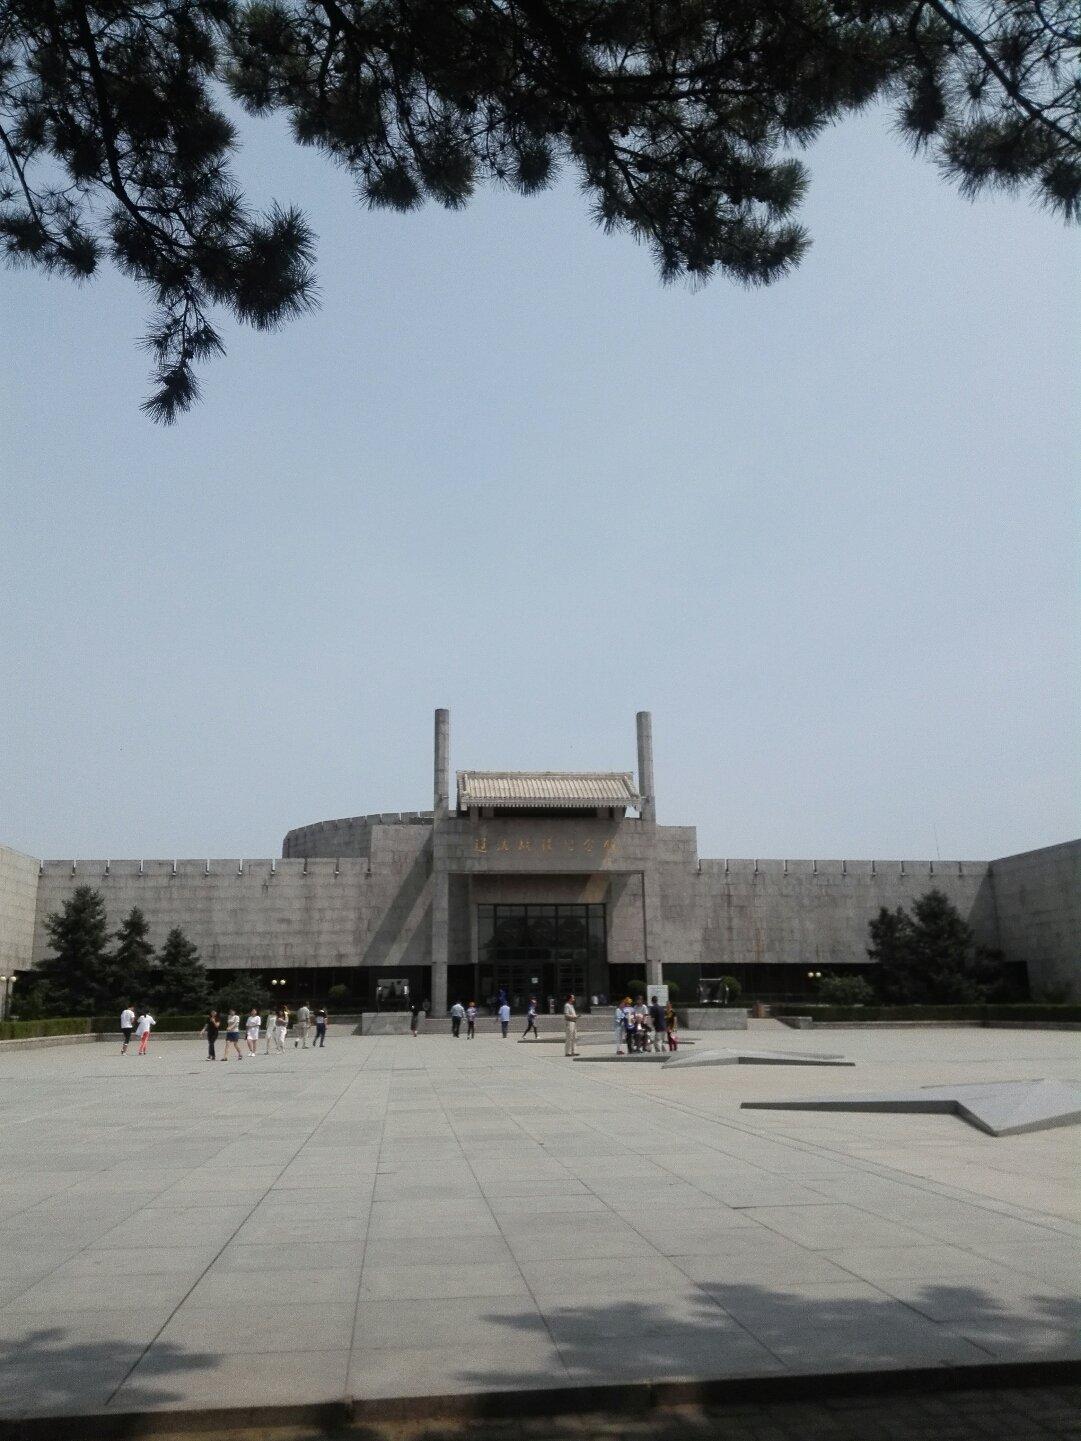 辽宁省锦州市凌河区爱民街靠近辽沈战役纪念馆天气预报